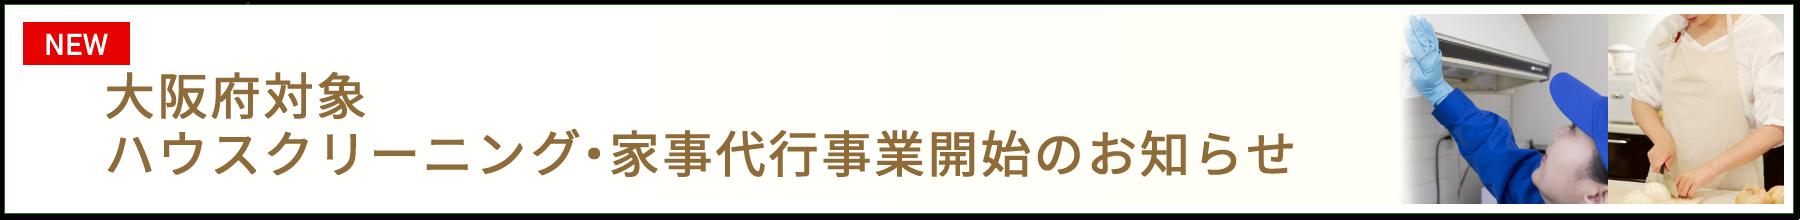 株式会社Bosque ハウスクリーニング・家事代行事業